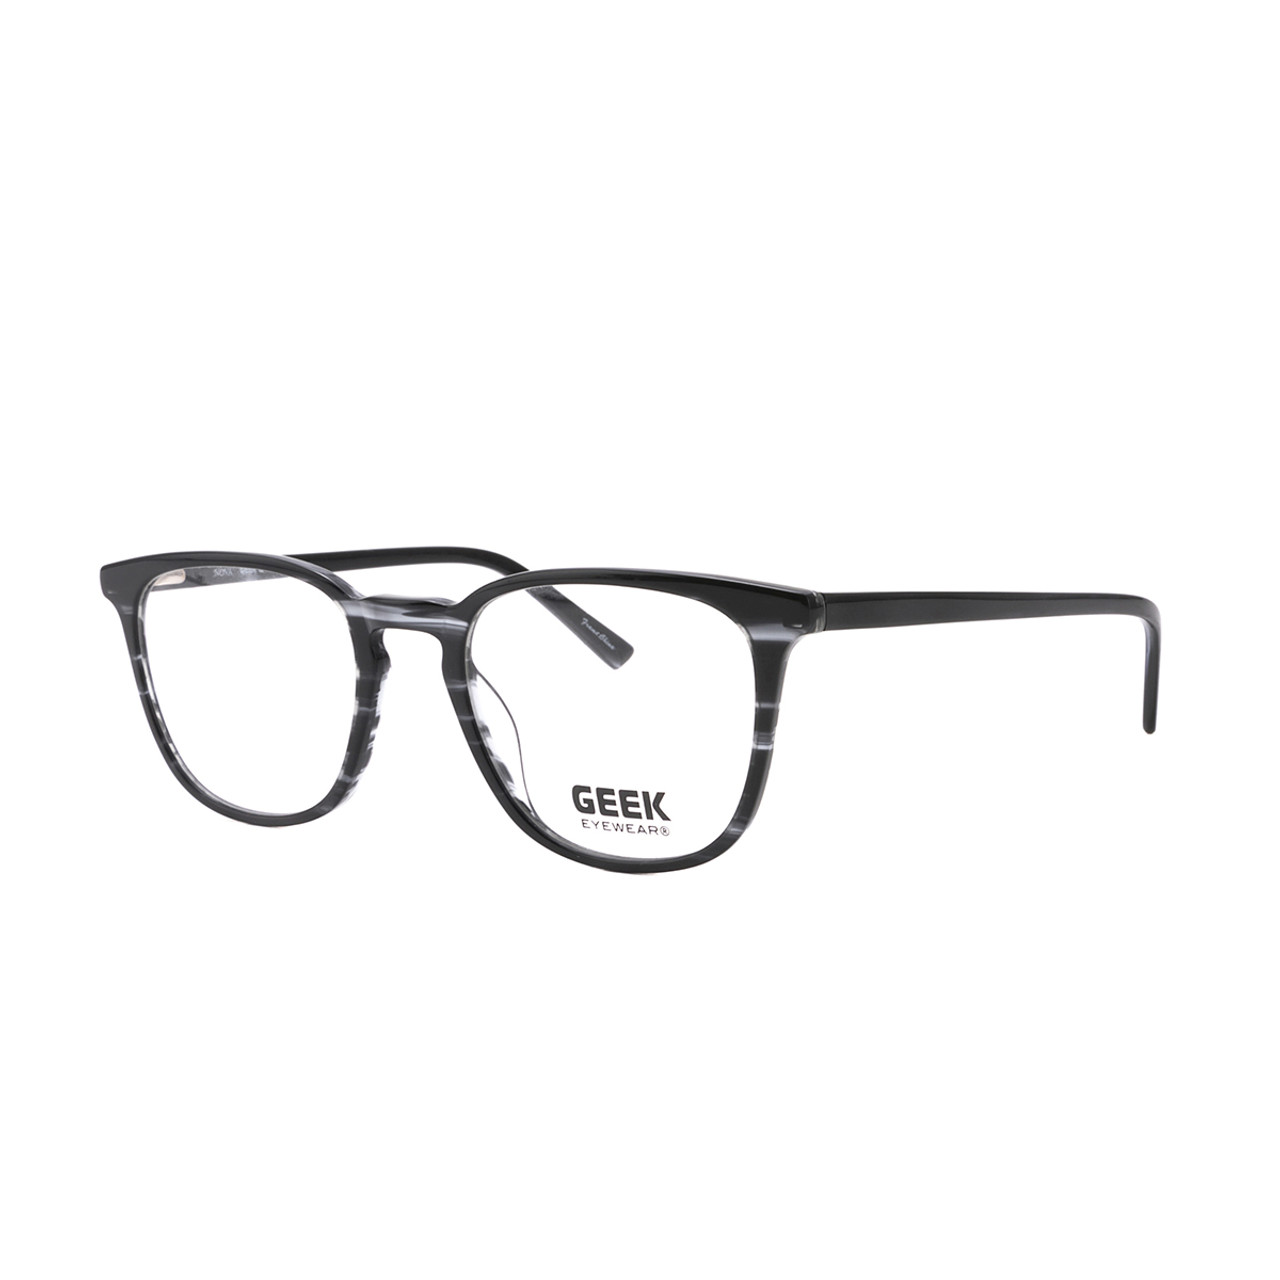 GEEK Eyewear GEEK NOVA